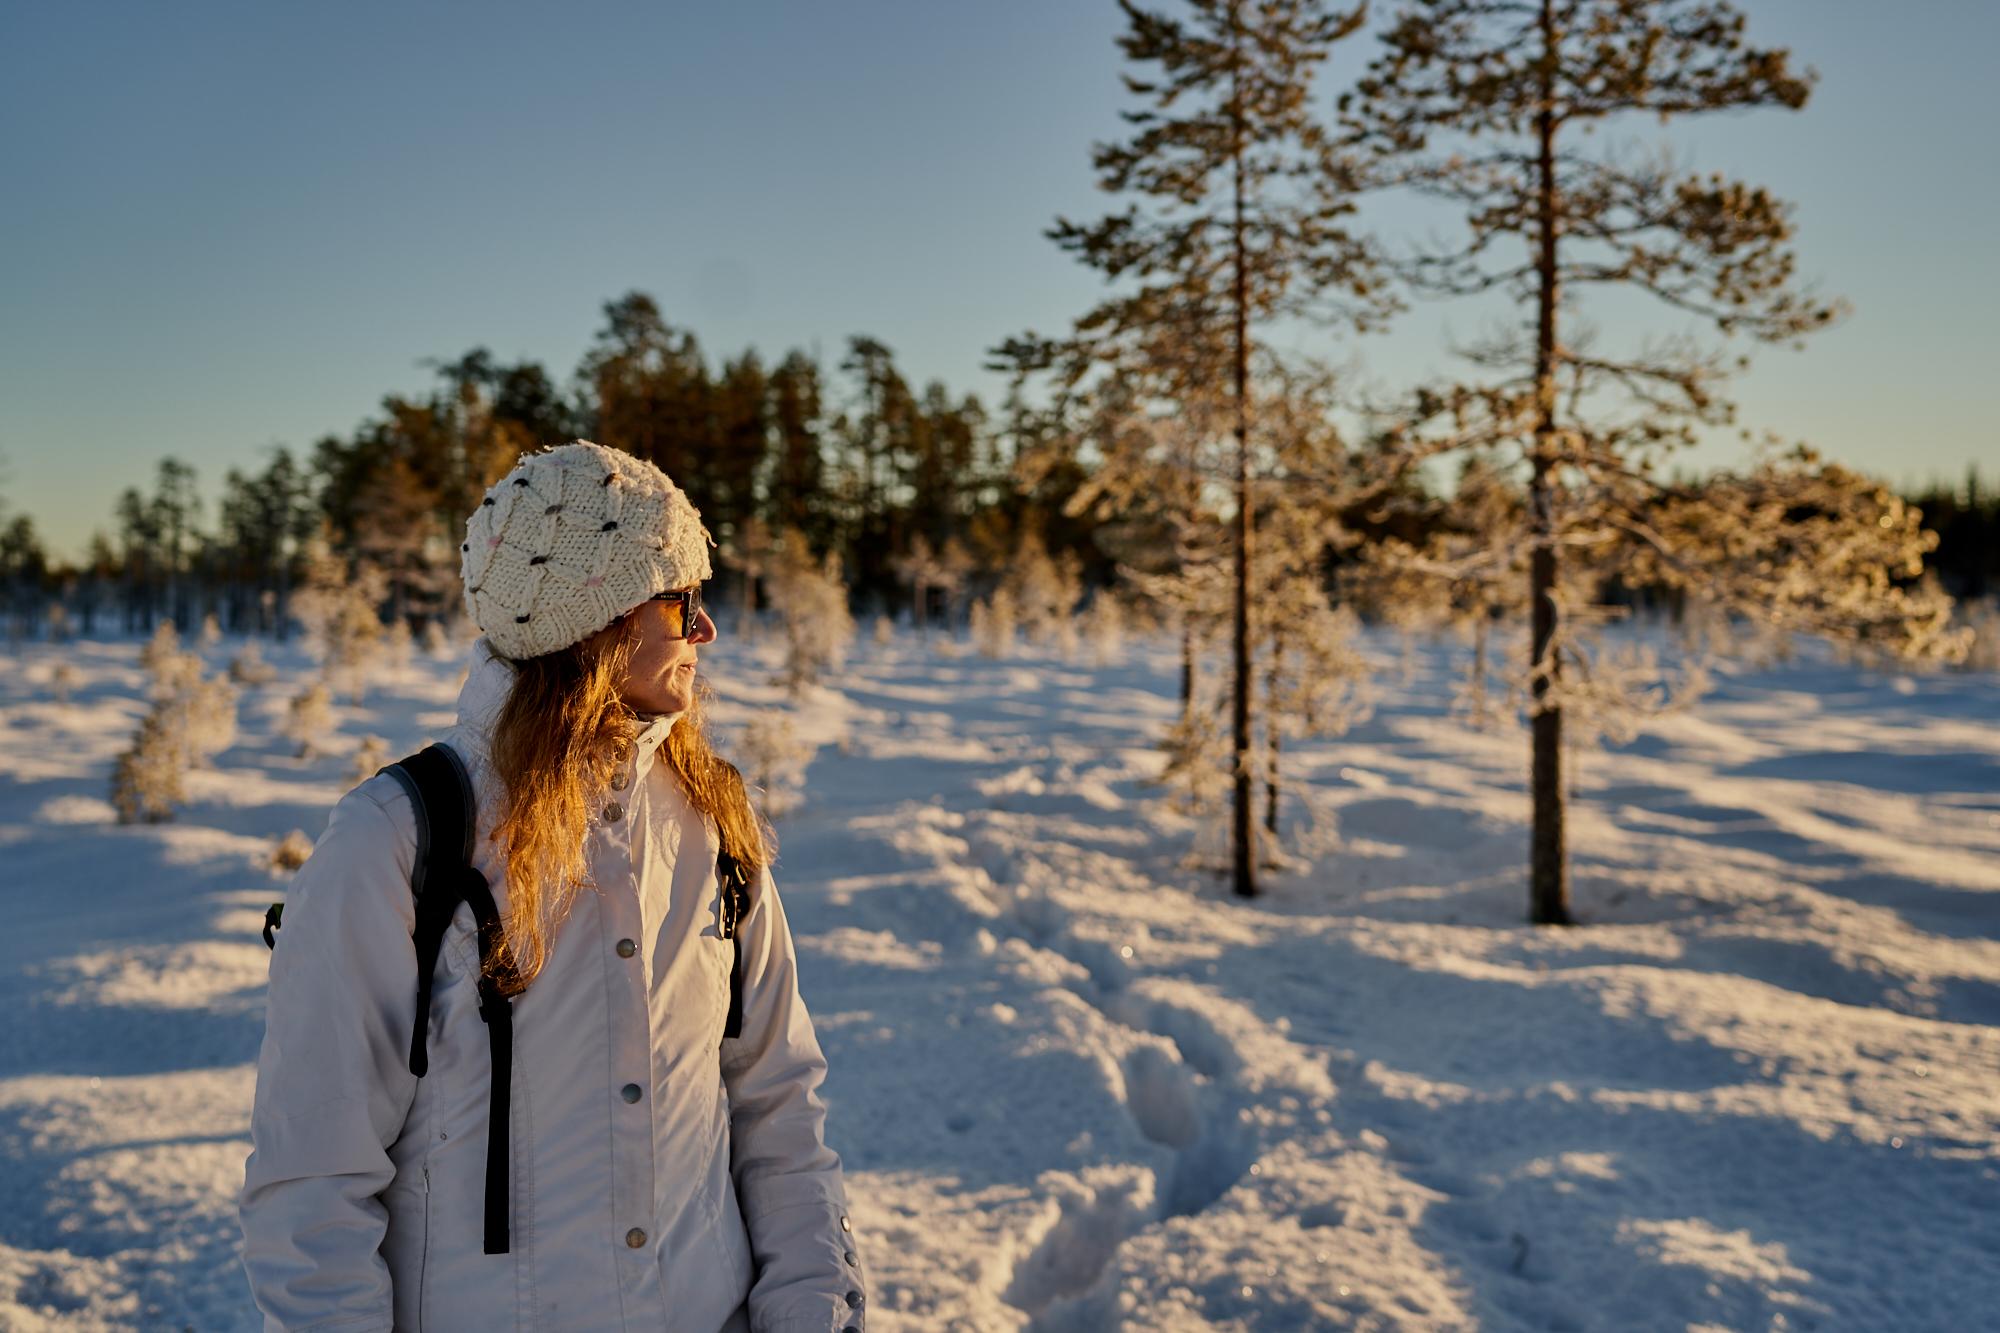 Zweden-2018-NIK01781.jpg